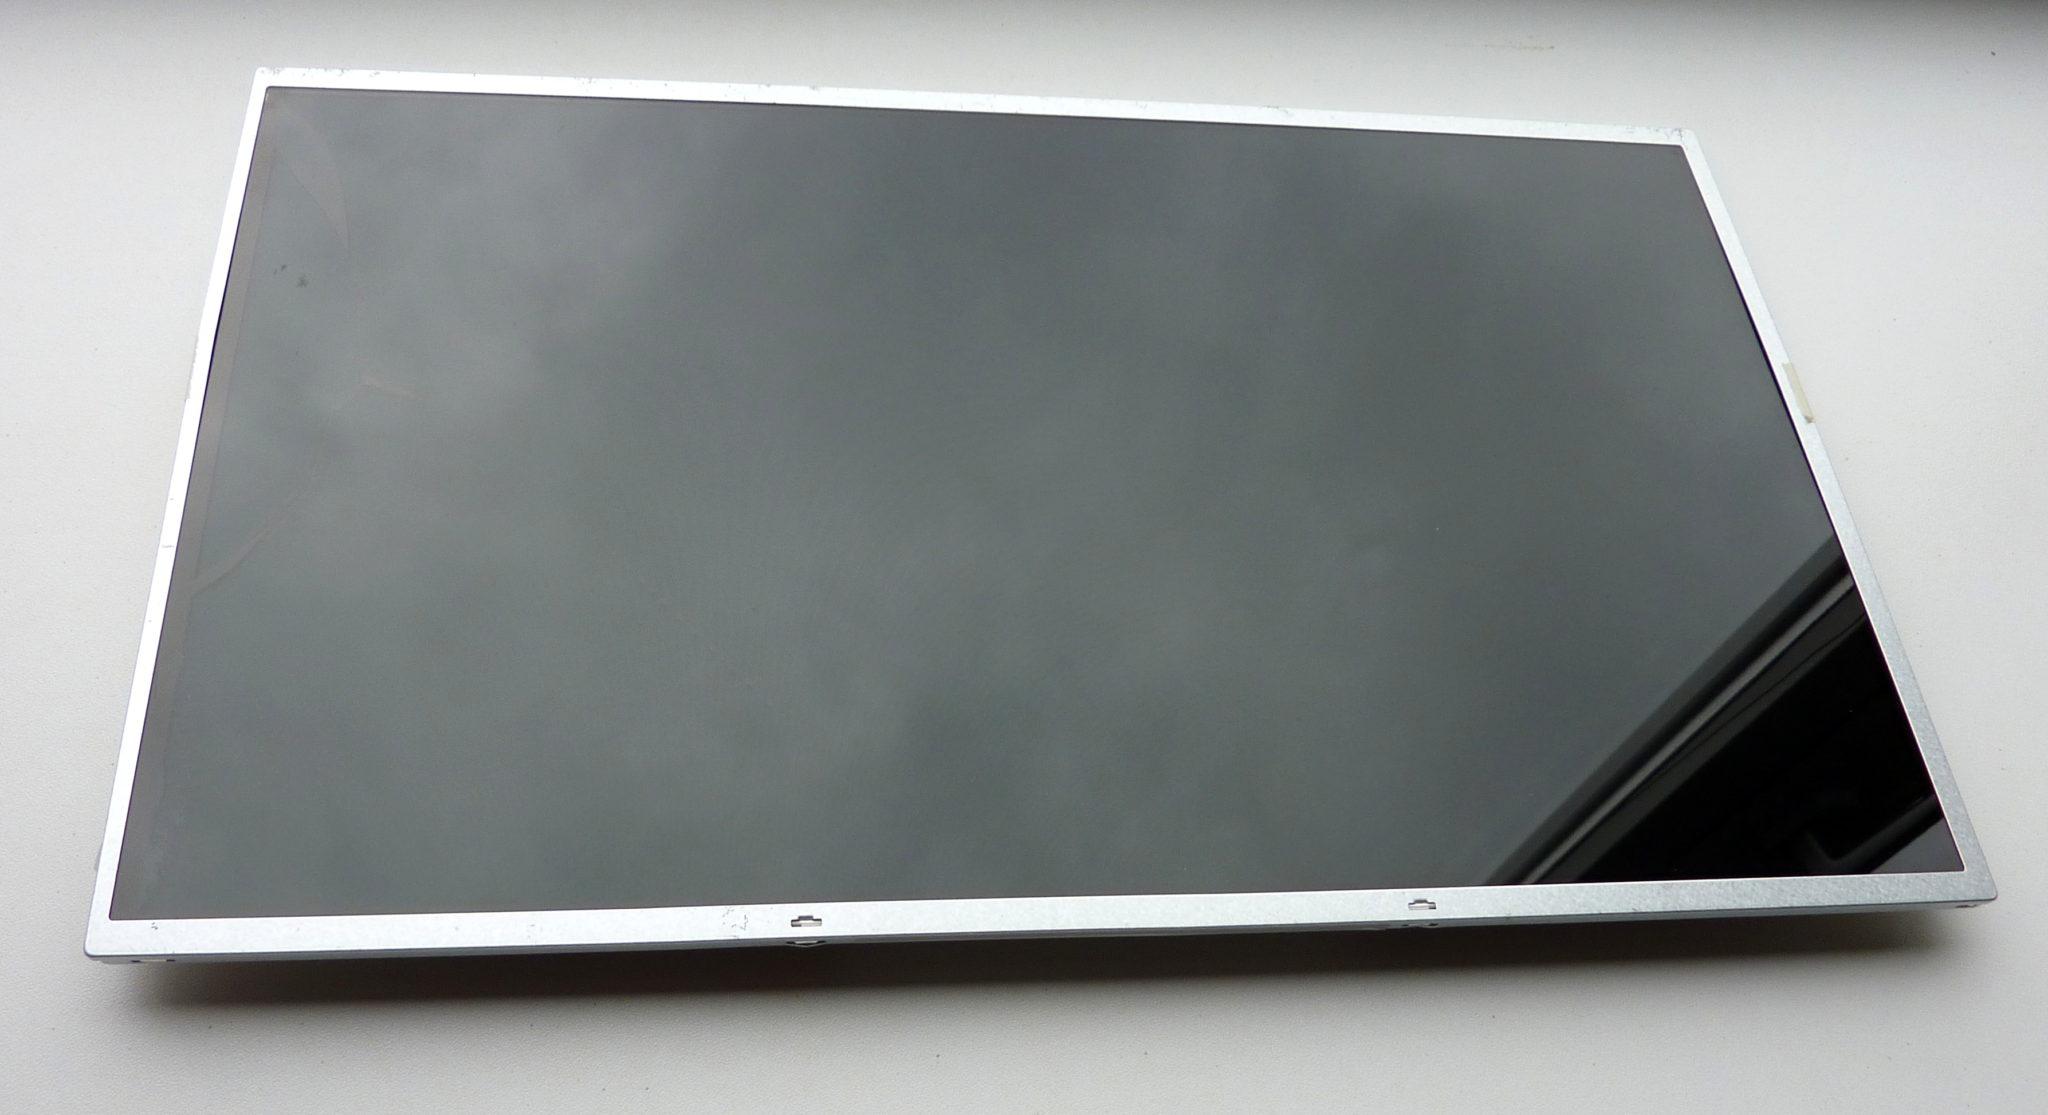 Værksted-Udskiftning af defekt skærm